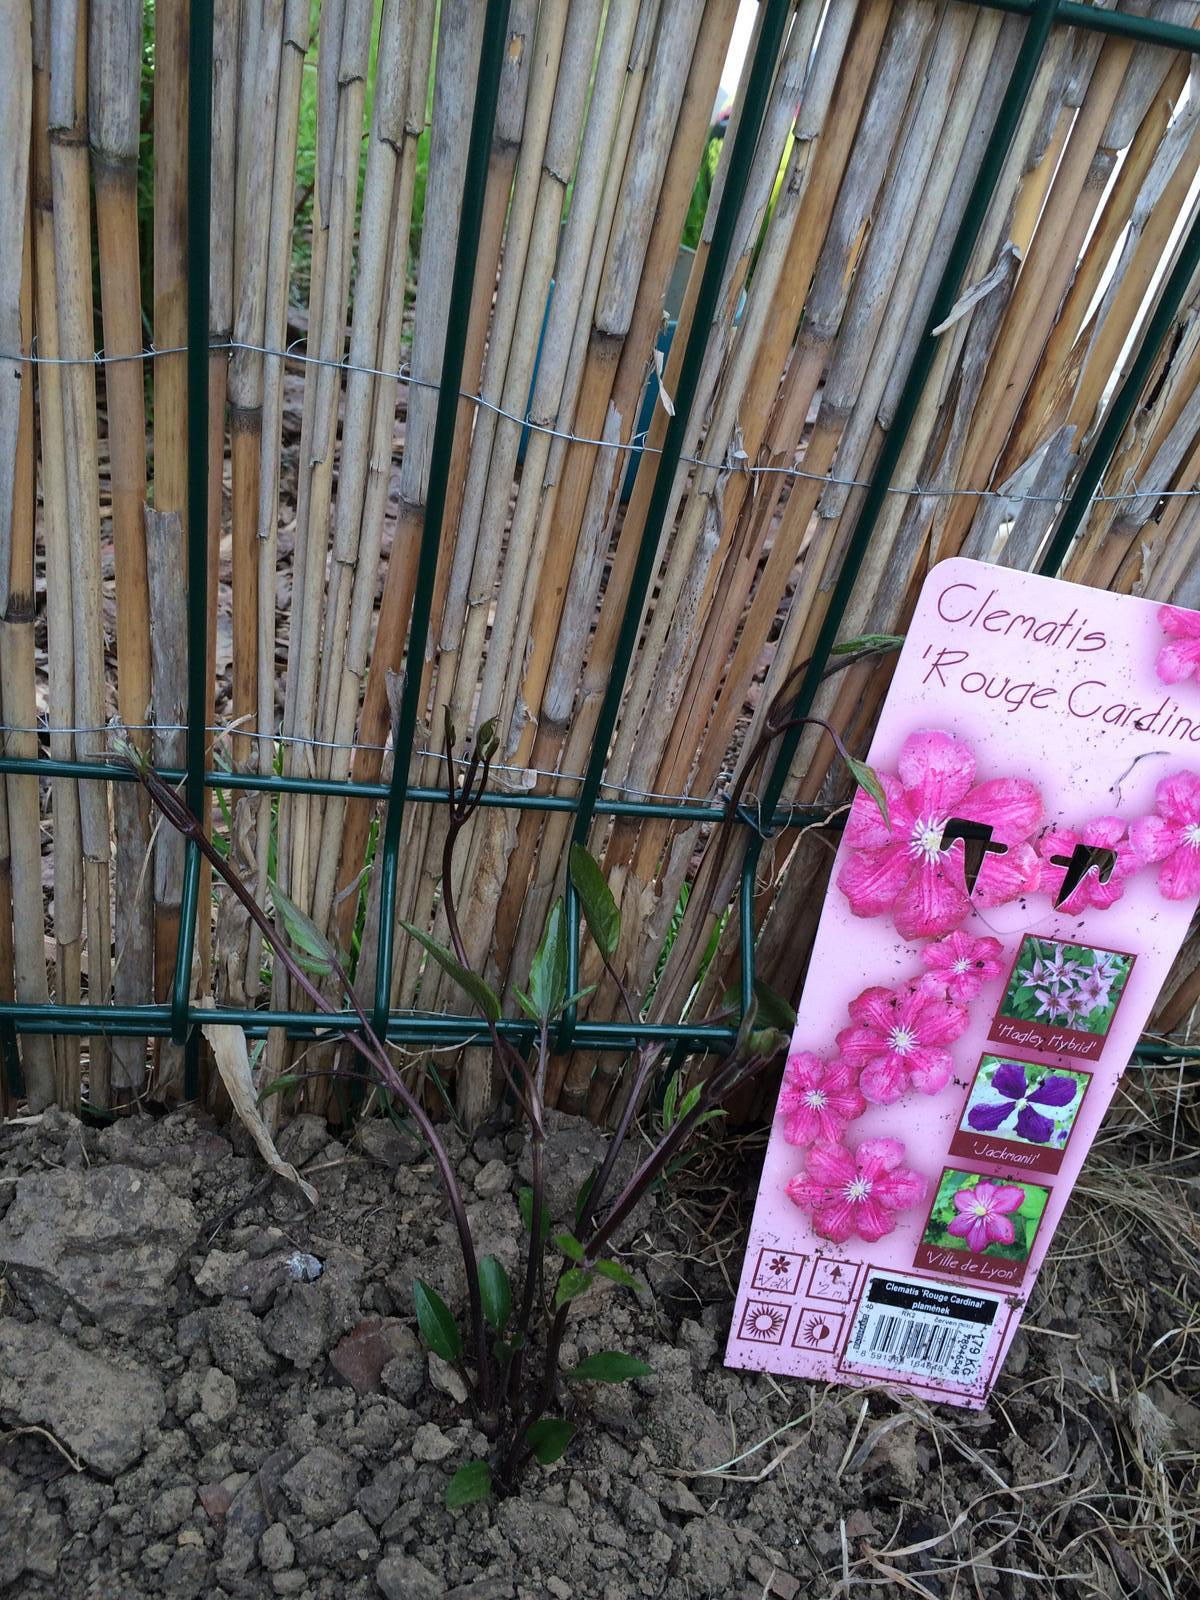 Zahradka nasa 2015 - uz zaciname zapletat :)